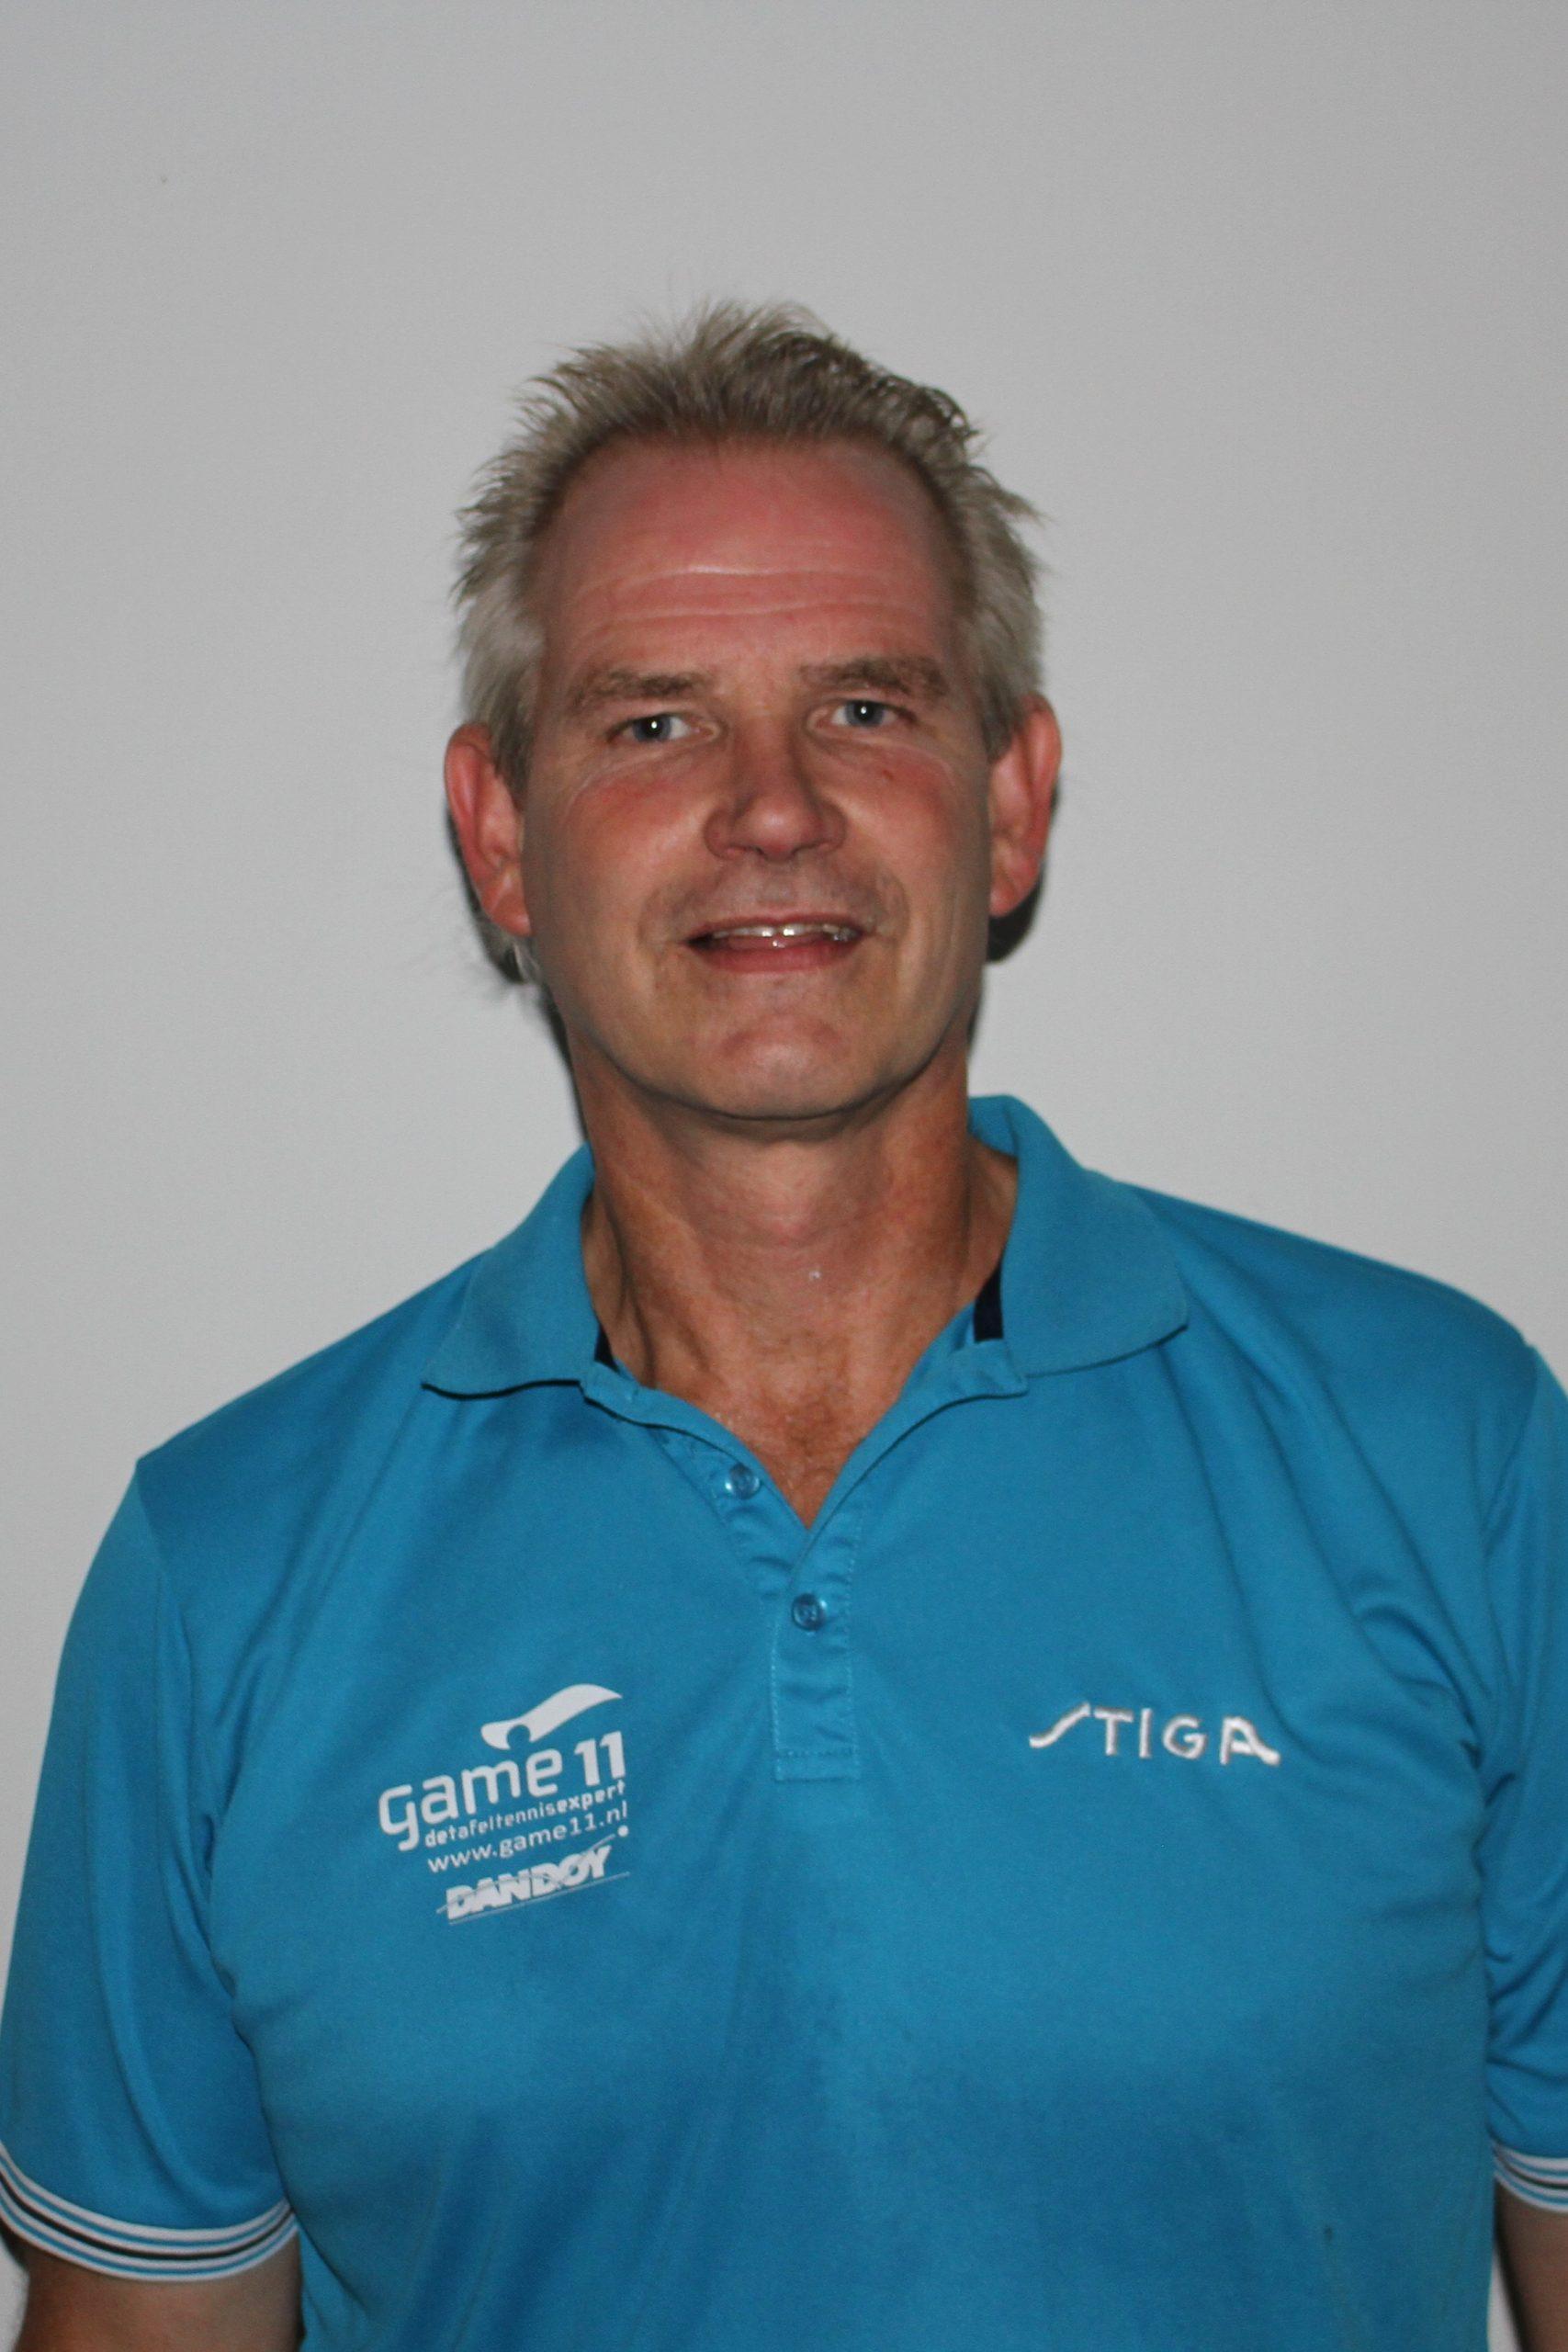 Bert Olofsen